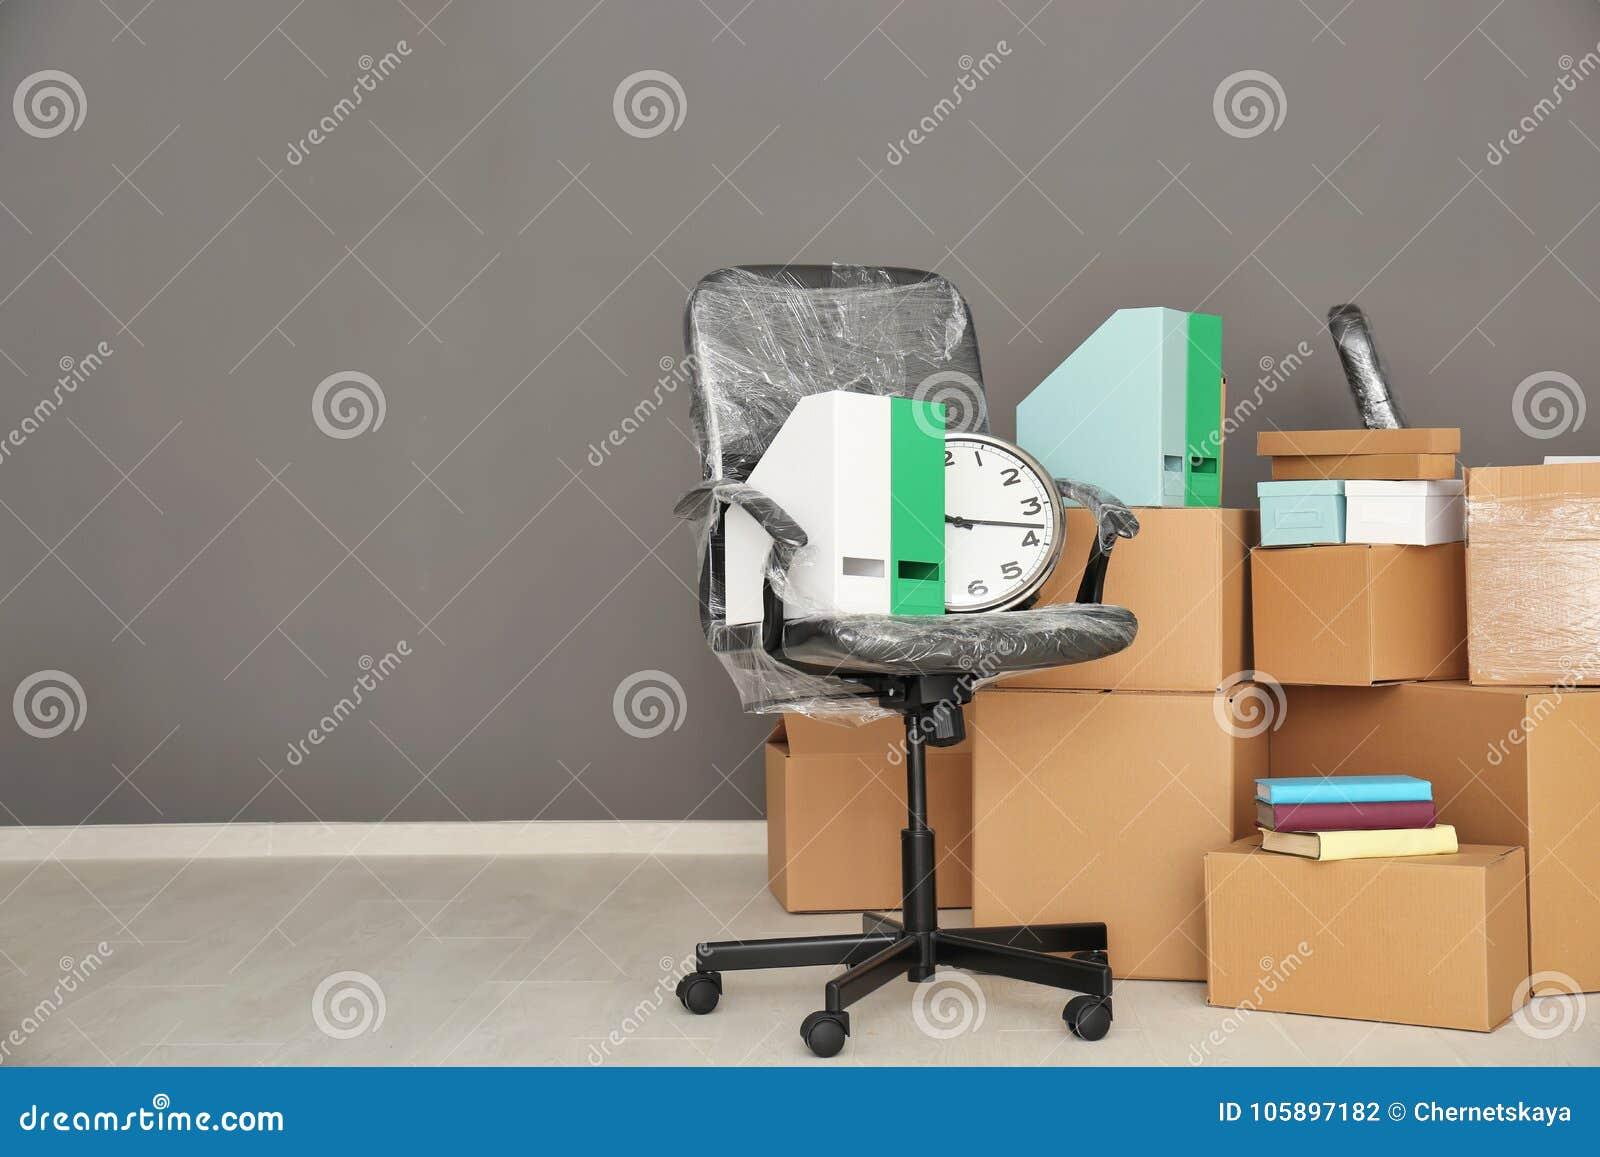 Concept De Mouvement Bureau Botes Et Chaise Carton